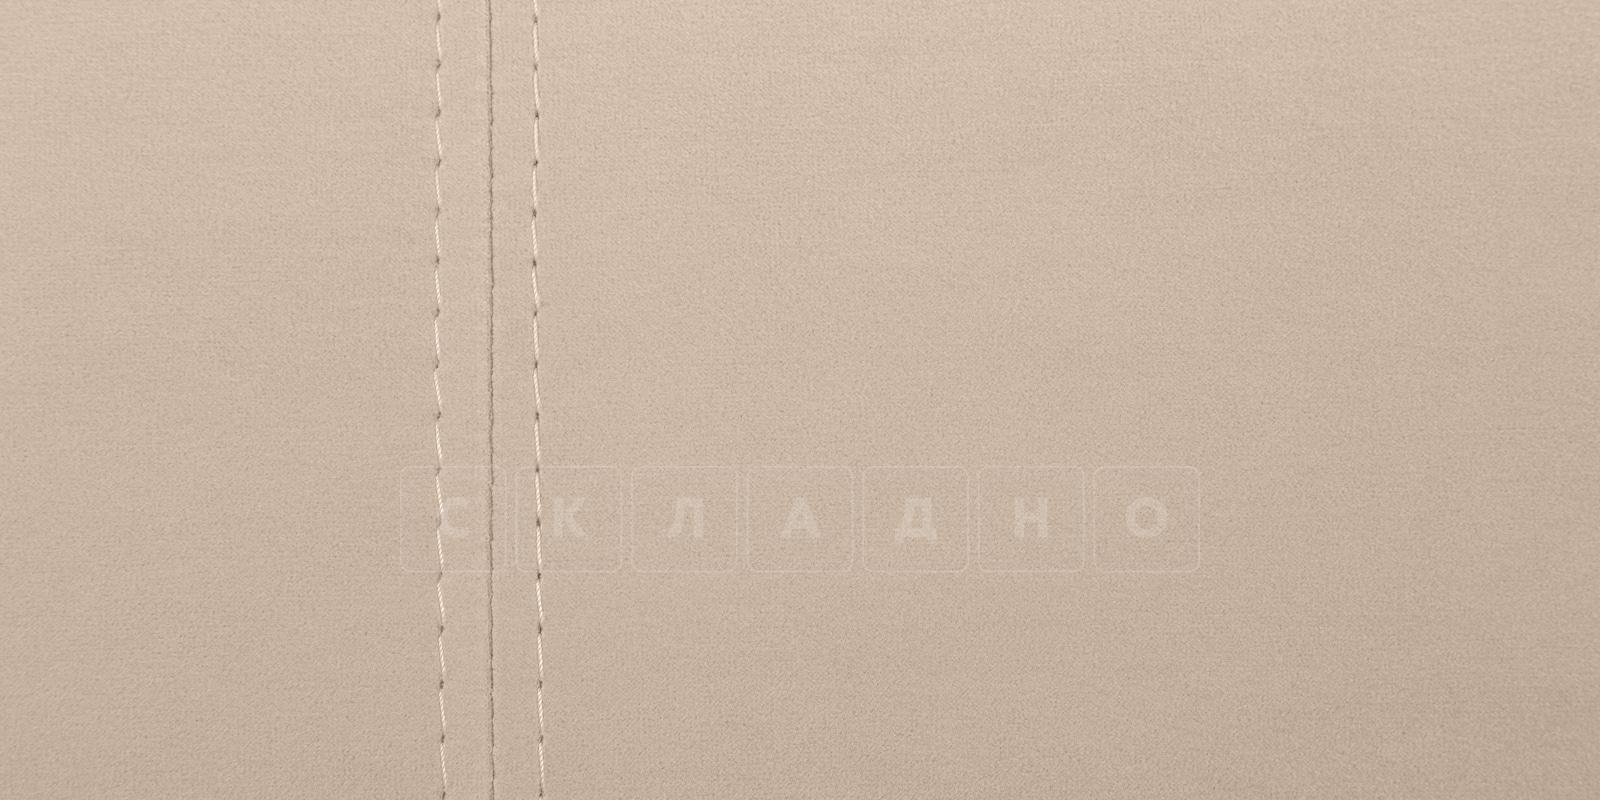 Мягкая кровать Афина 140см велюр бежевый фото 8 | интернет-магазин Складно